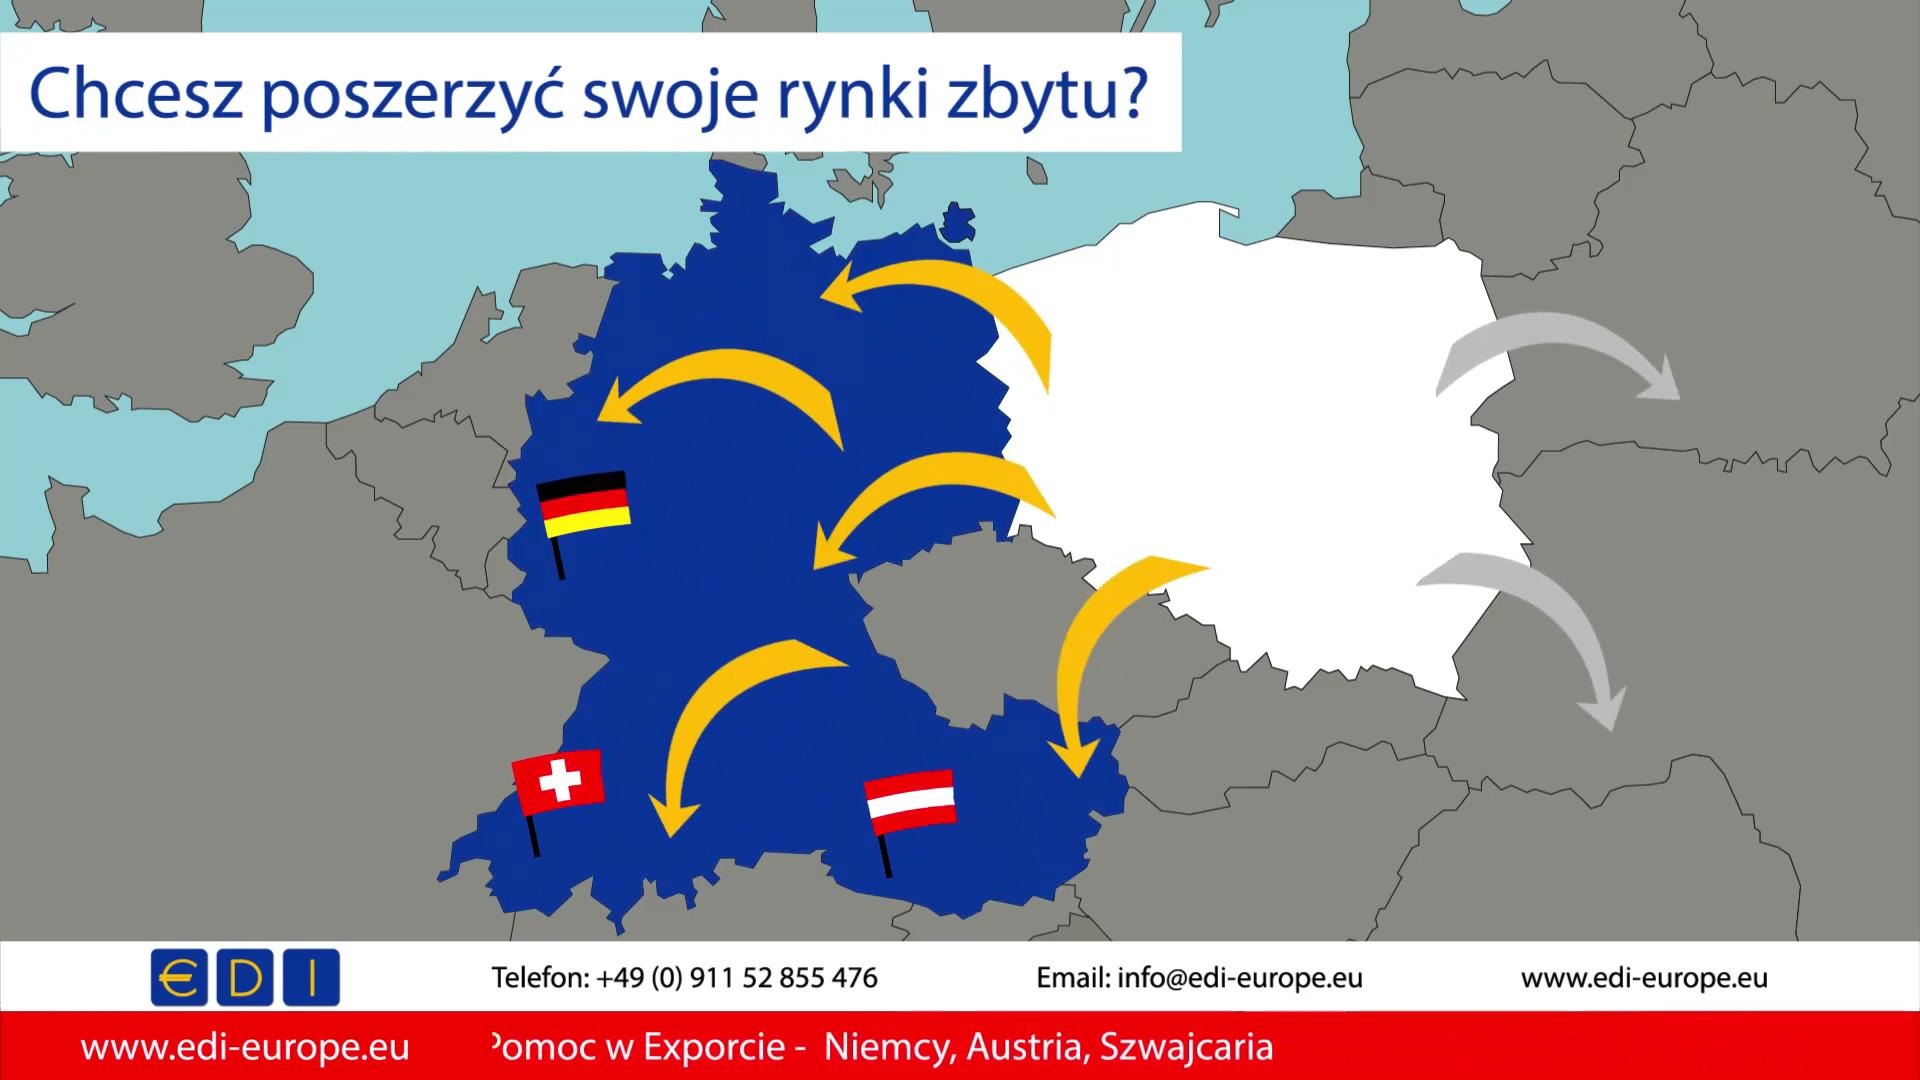 Edi Europe2_konwert